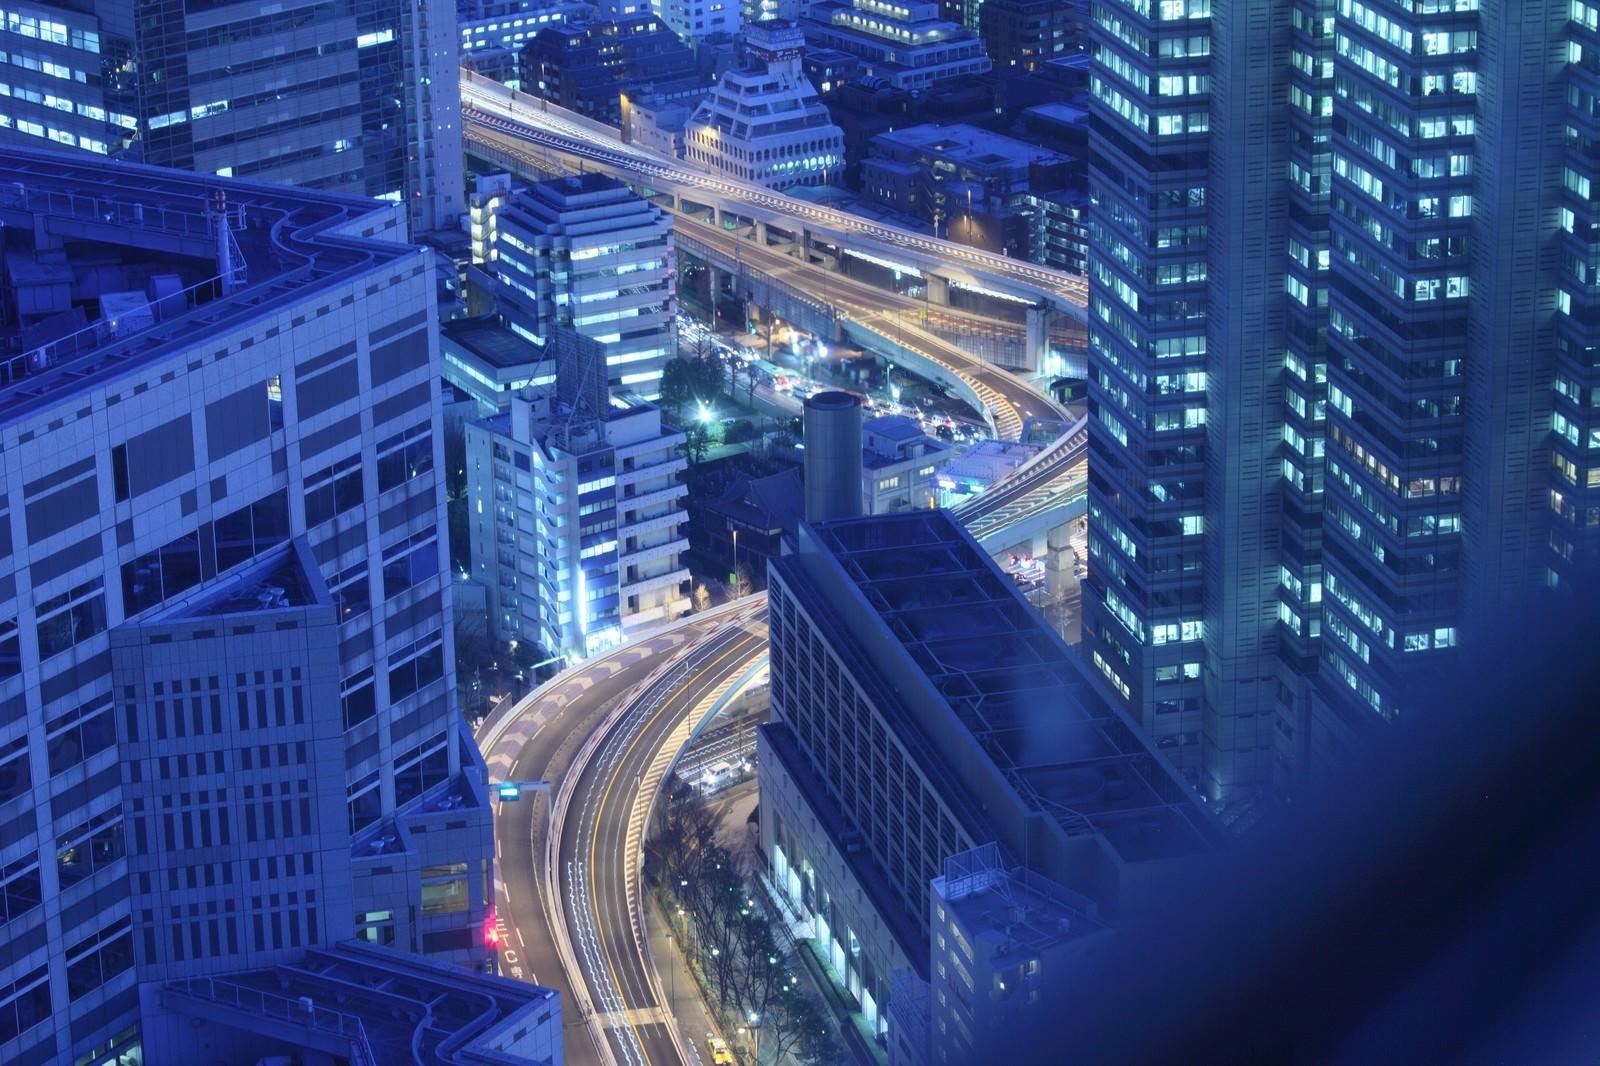 「一歩先には東京の高層夜景一歩先には東京の高層夜景」のフリー写真素材